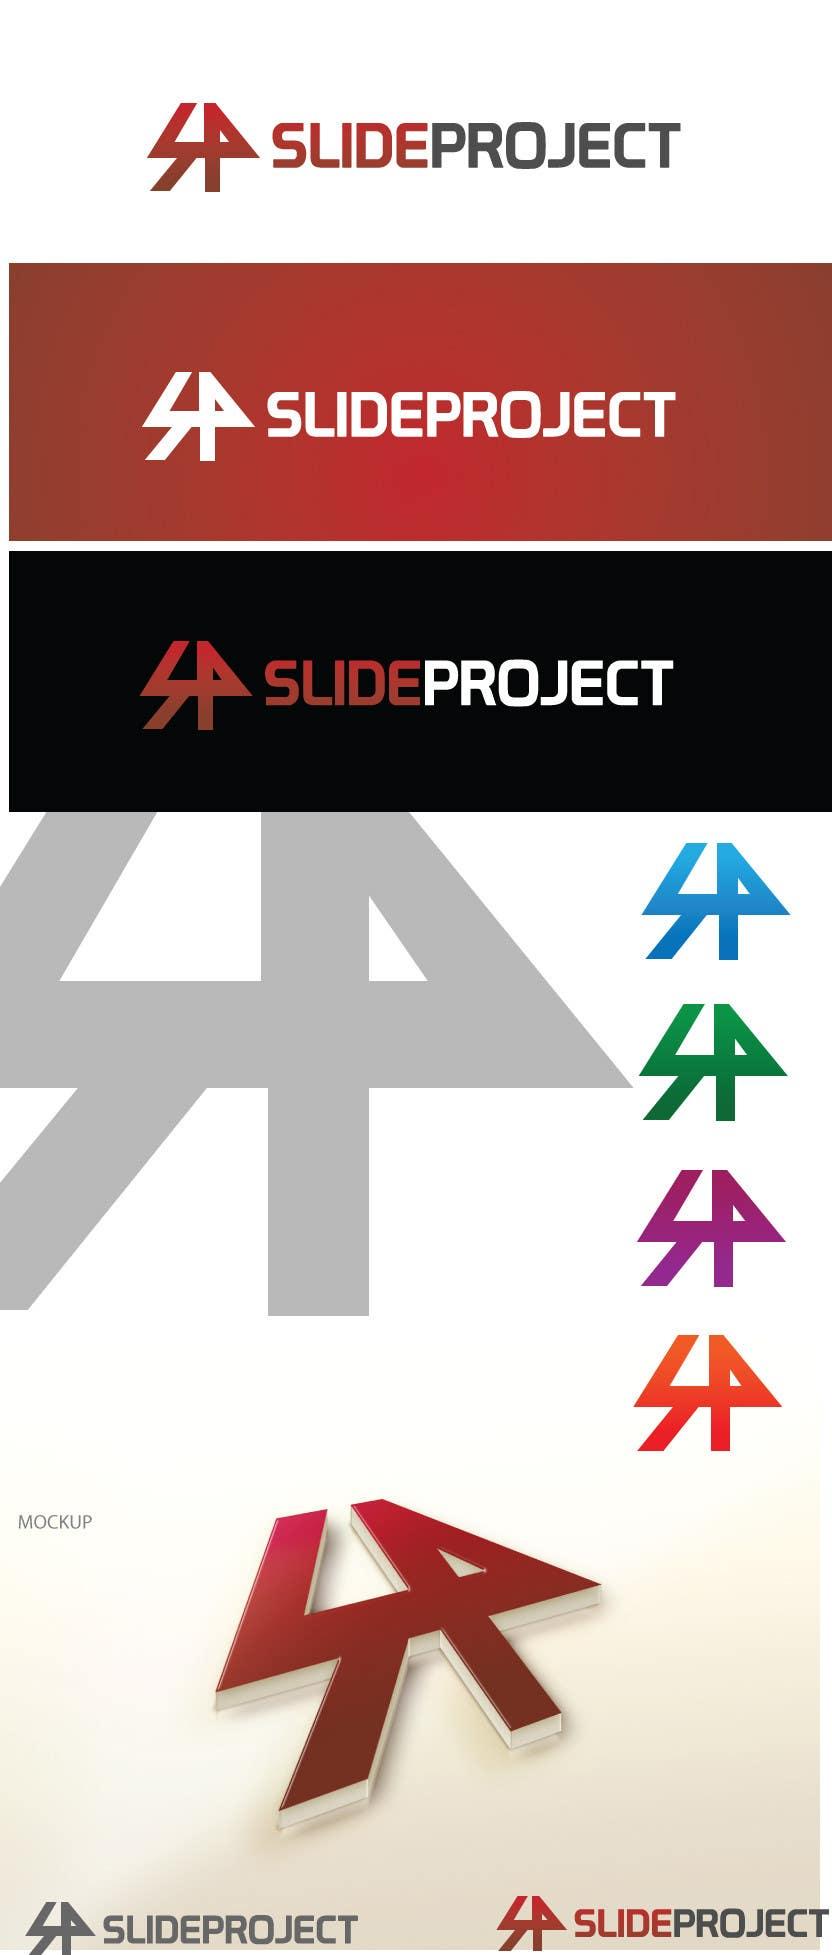 Bài tham dự cuộc thi #                                        26                                      cho                                         Design a Logo for New Record Label